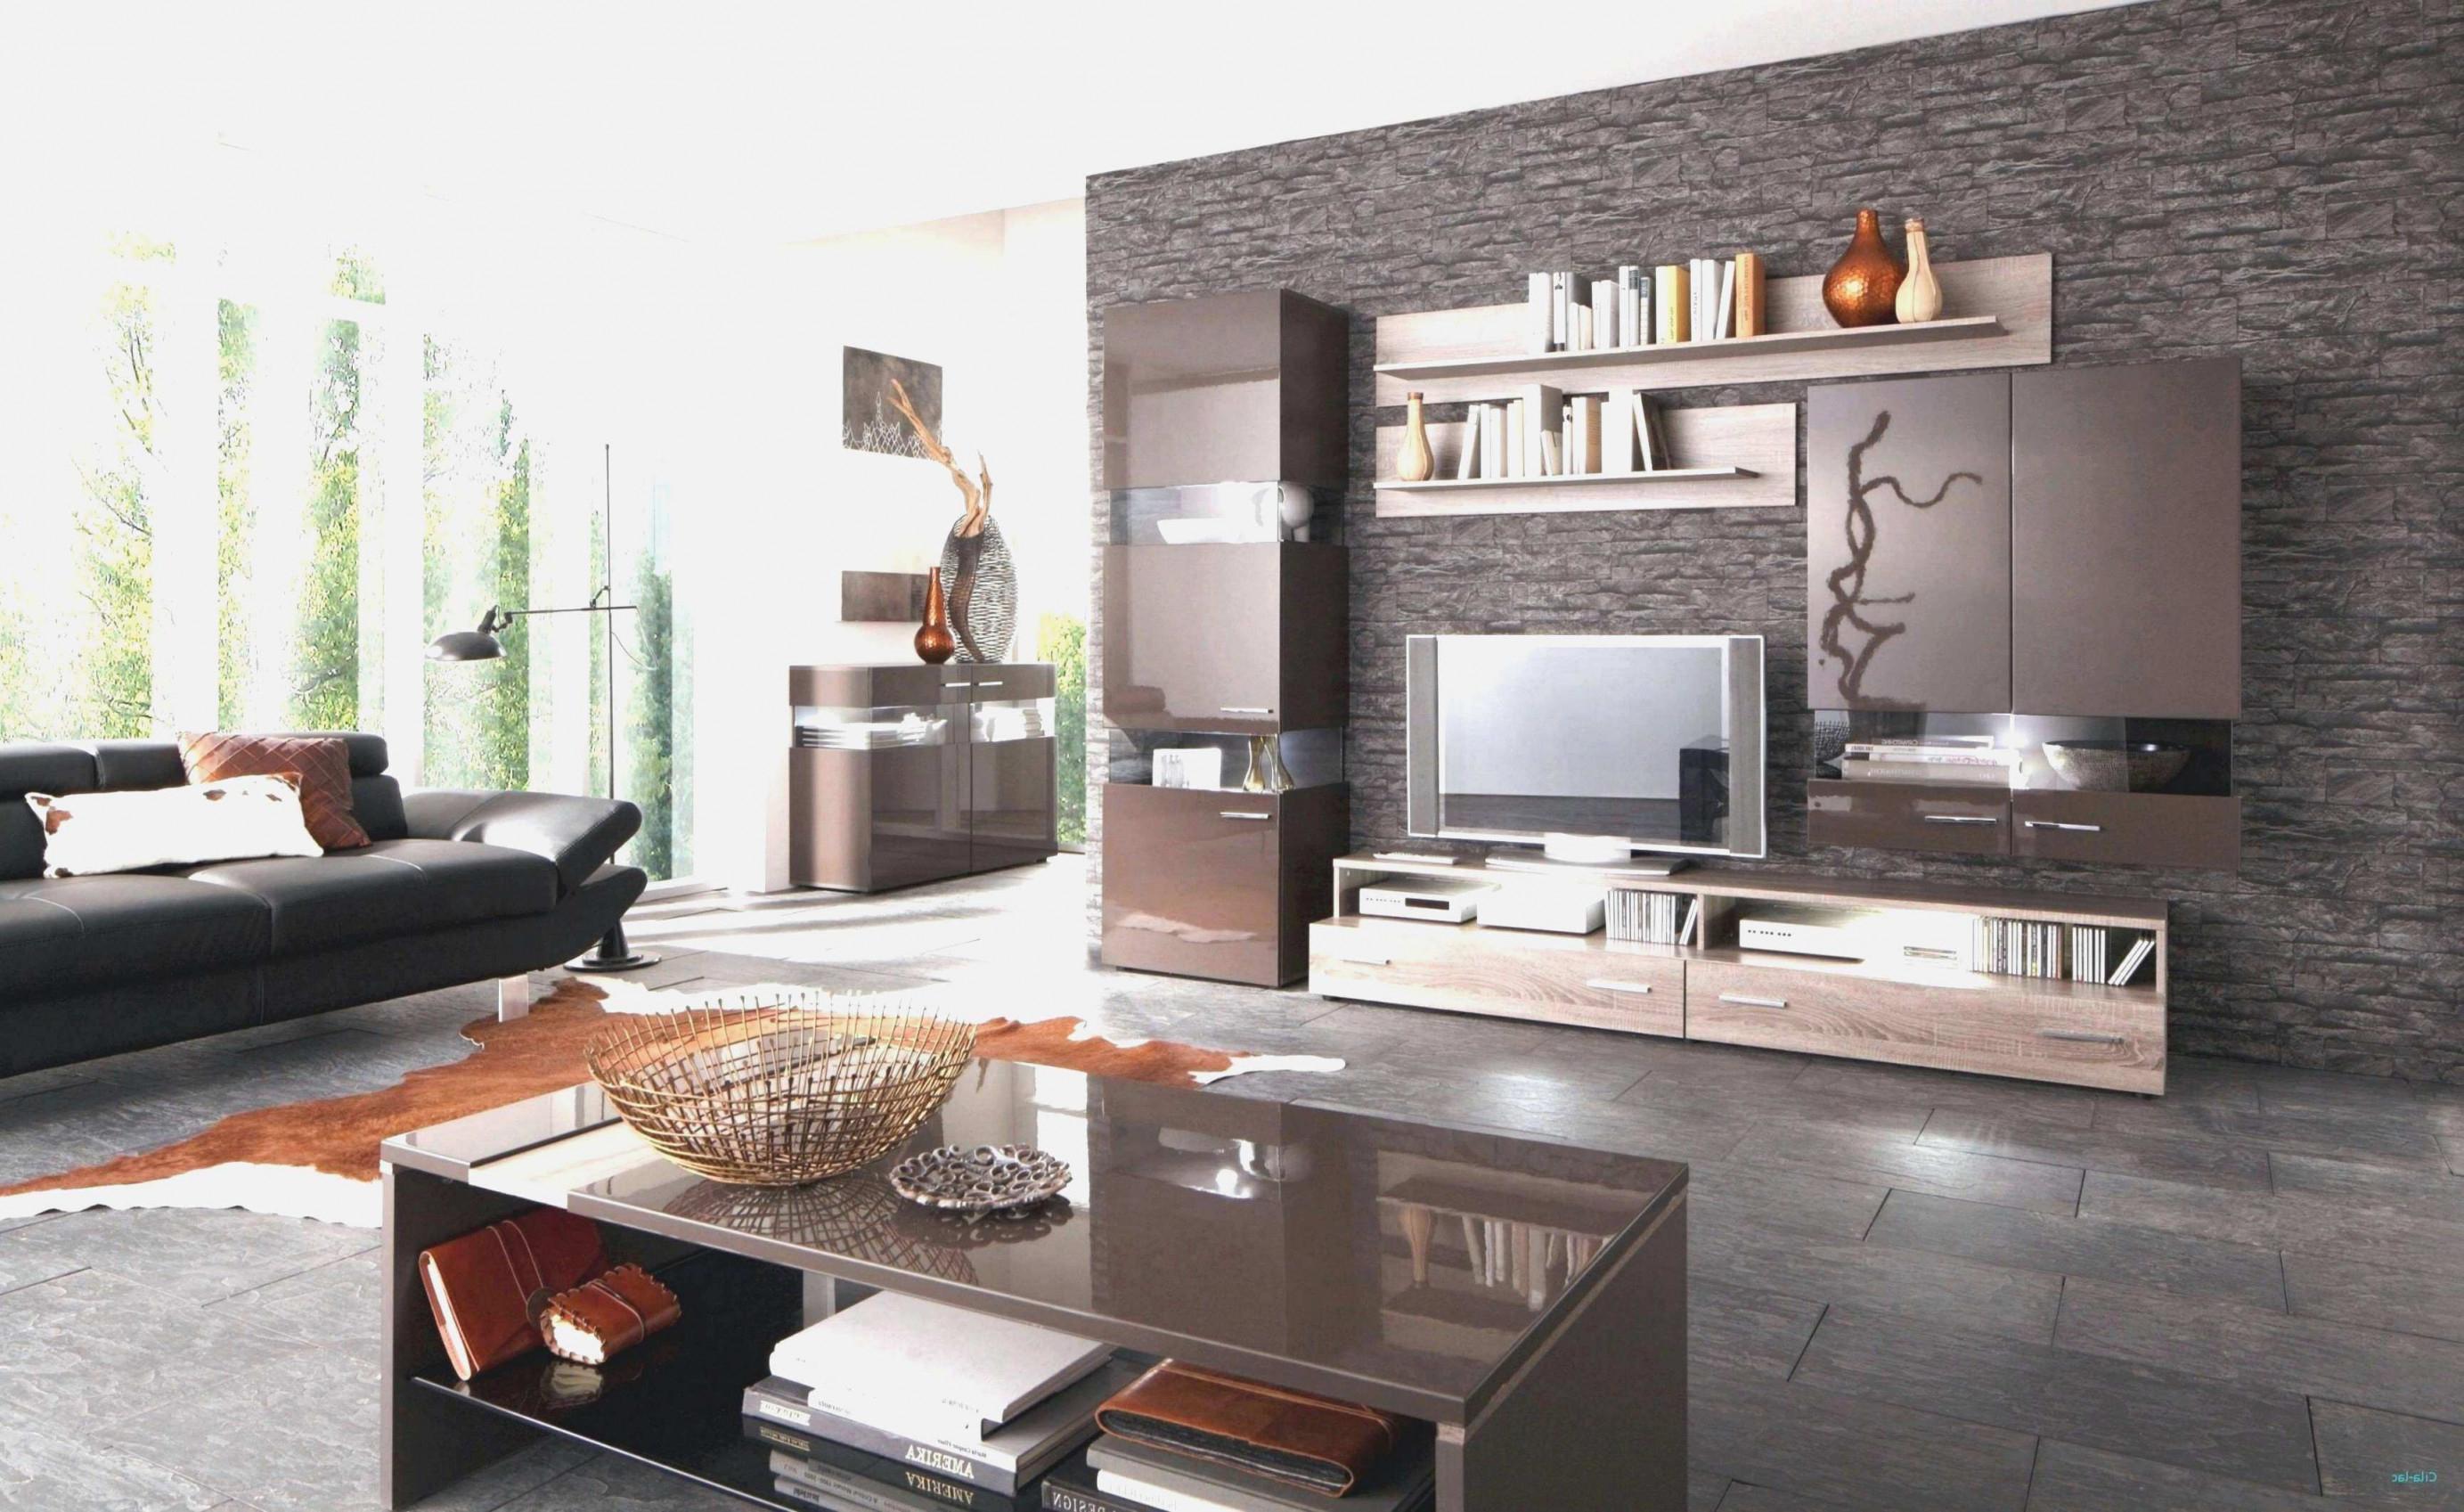 Quadratisches Wohnzimmer Einrichten Neu 20 Qm Wohnzimmer von Quadratisches Wohnzimmer Einrichten Photo